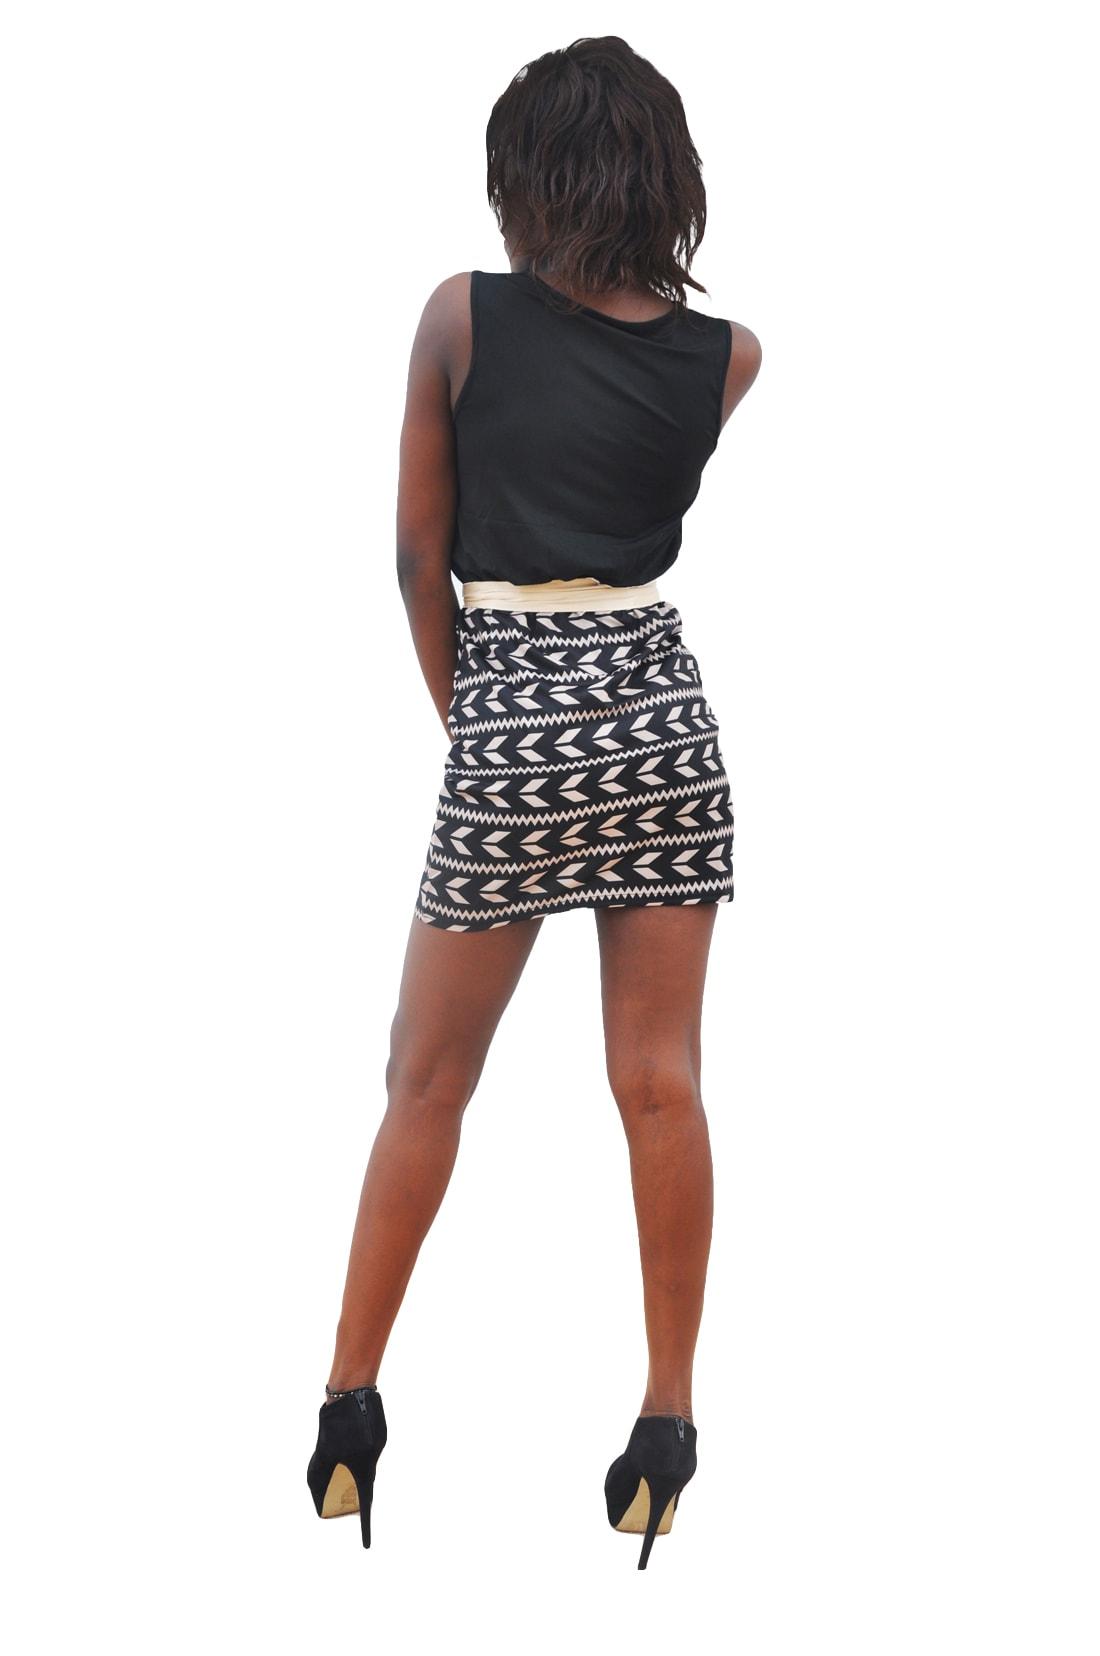 M0278 blackgold3 Party Dresses maureens.com boutique